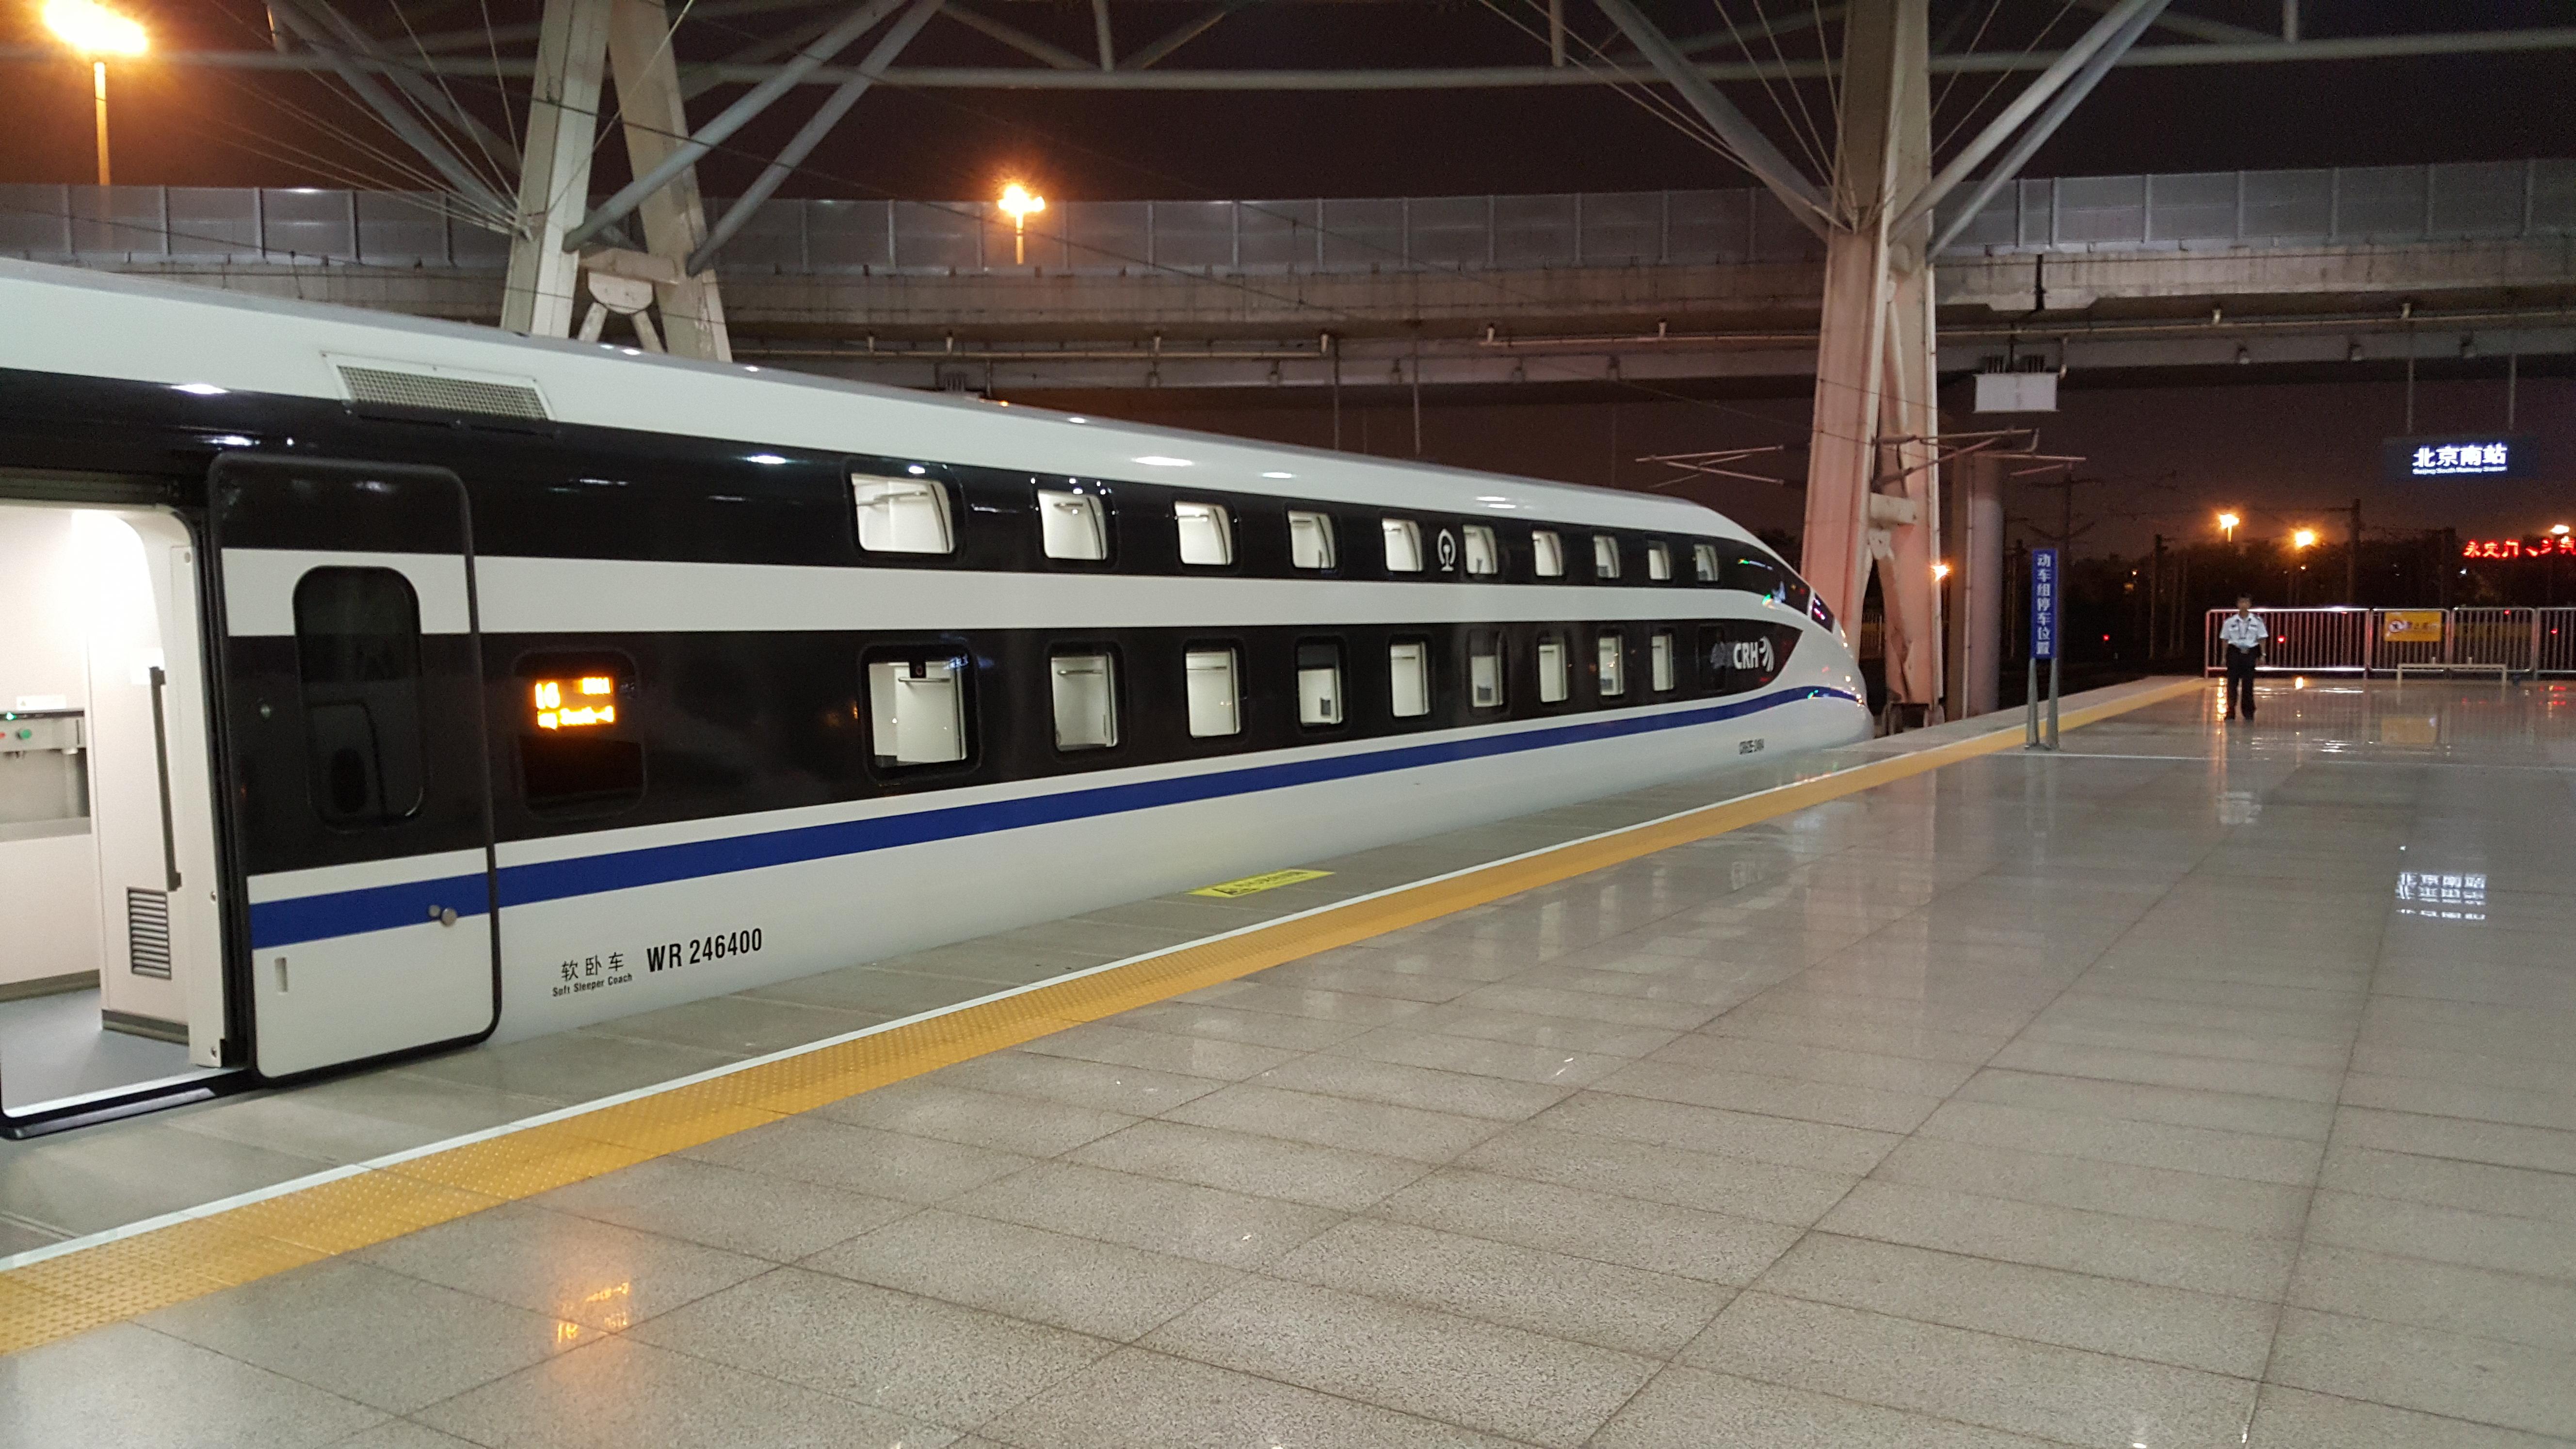 File:CRH2E-2464 at Beijing South Railway Station.jpg